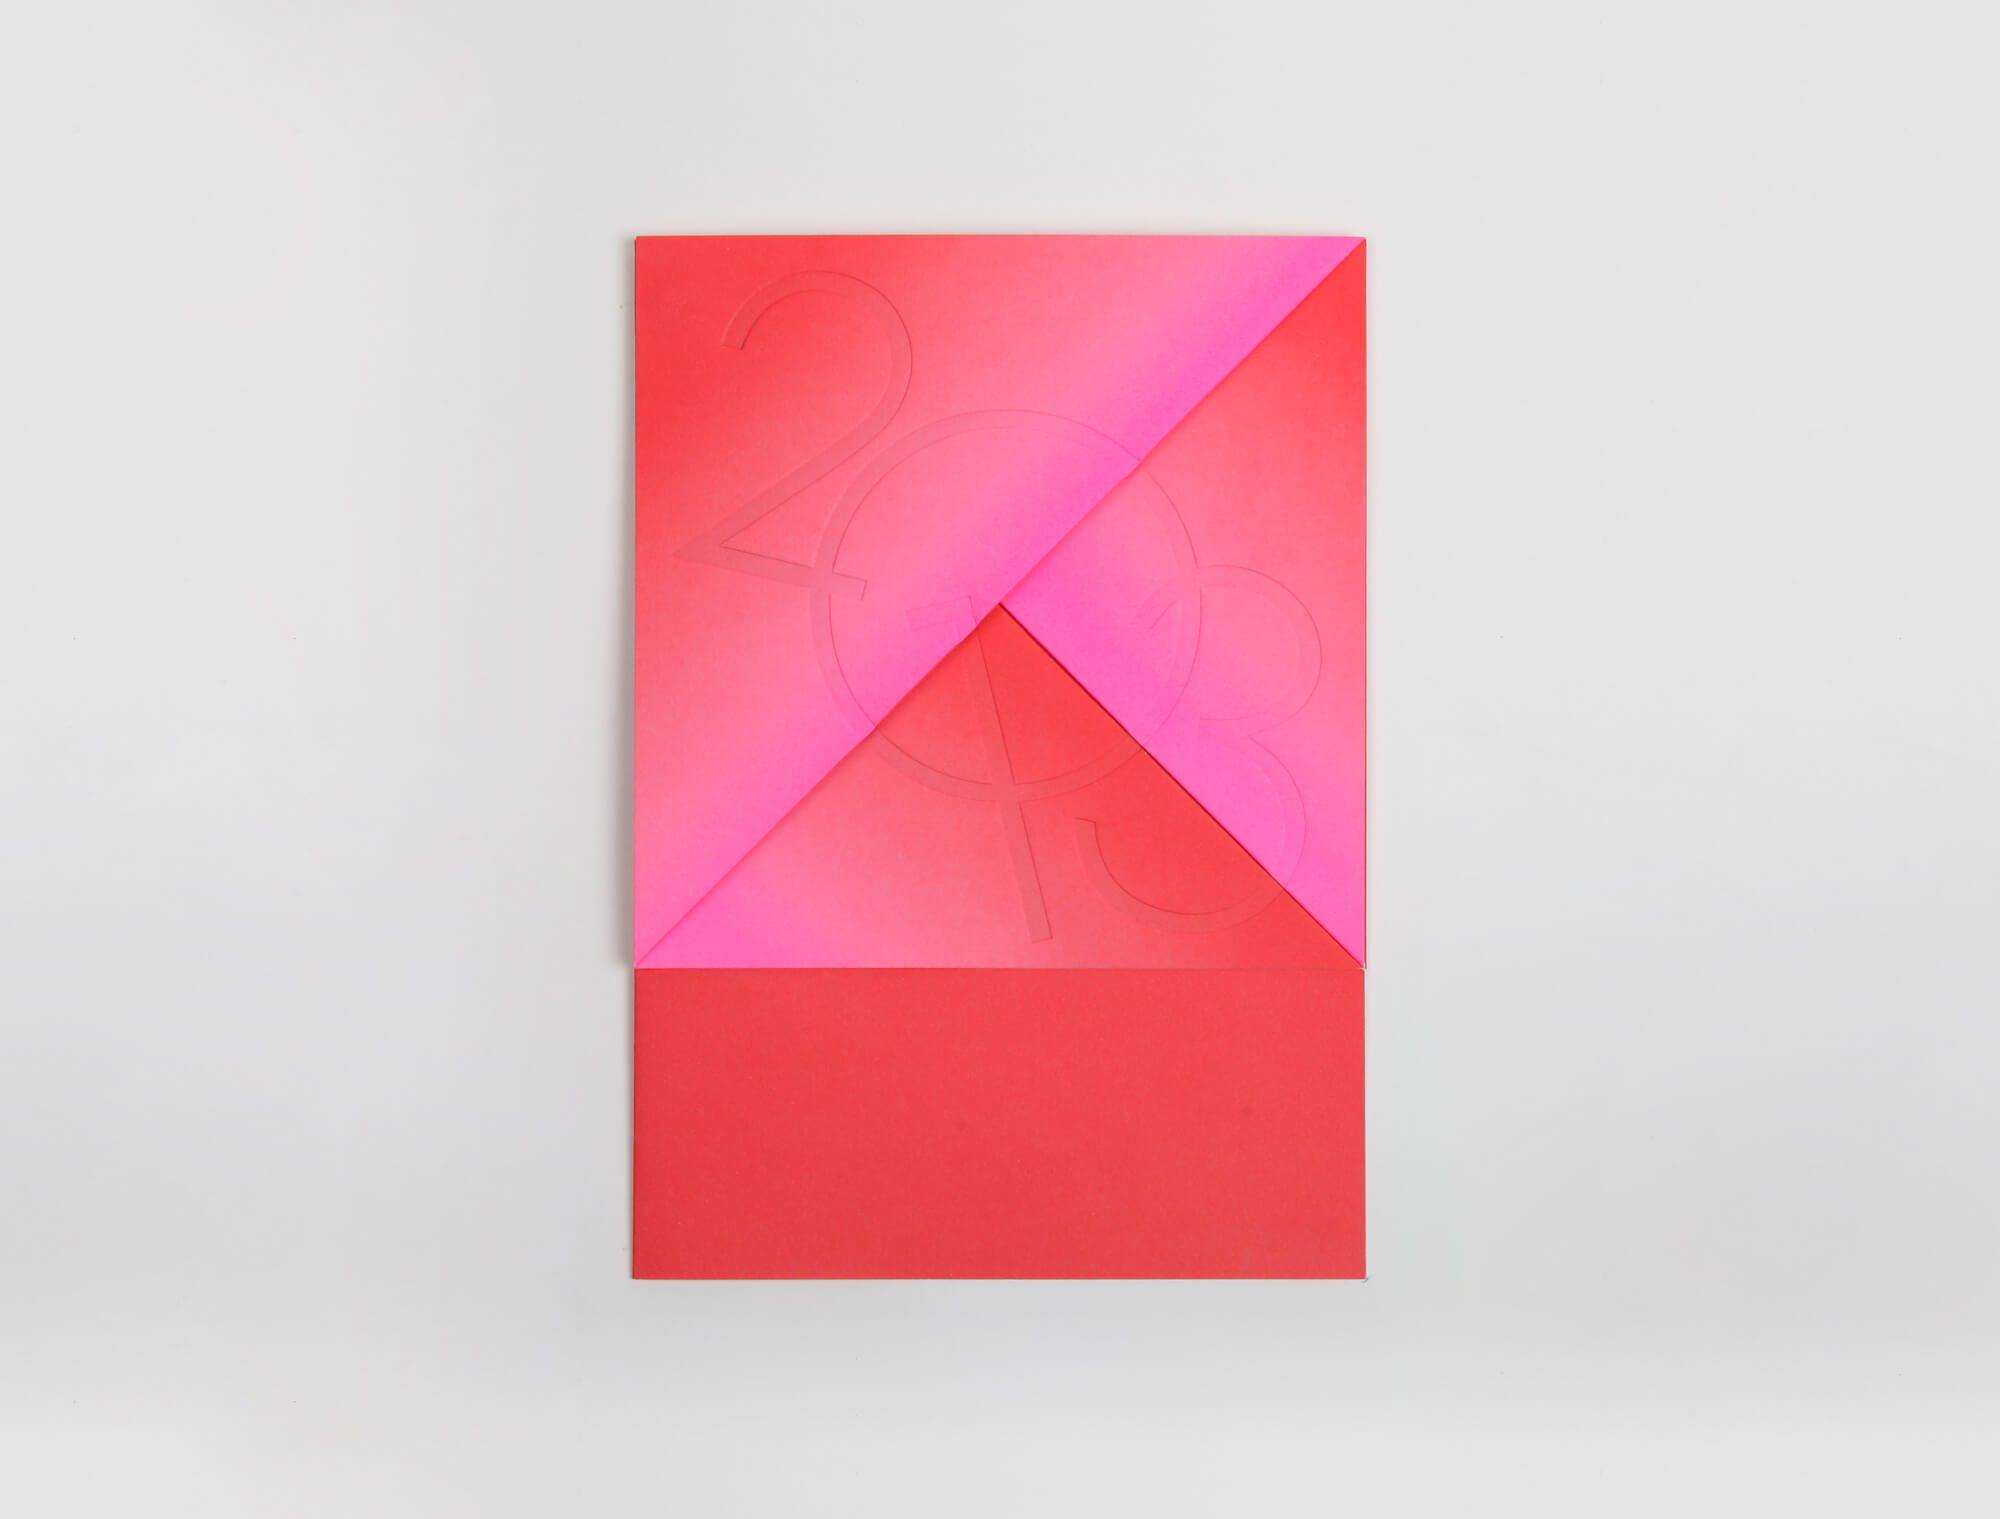 Ich&Kar signe la carte de vœux 2013 des arts Décoratifs, dégradé de couleur rose et rouge, origami et gaufrage pour une année colorée